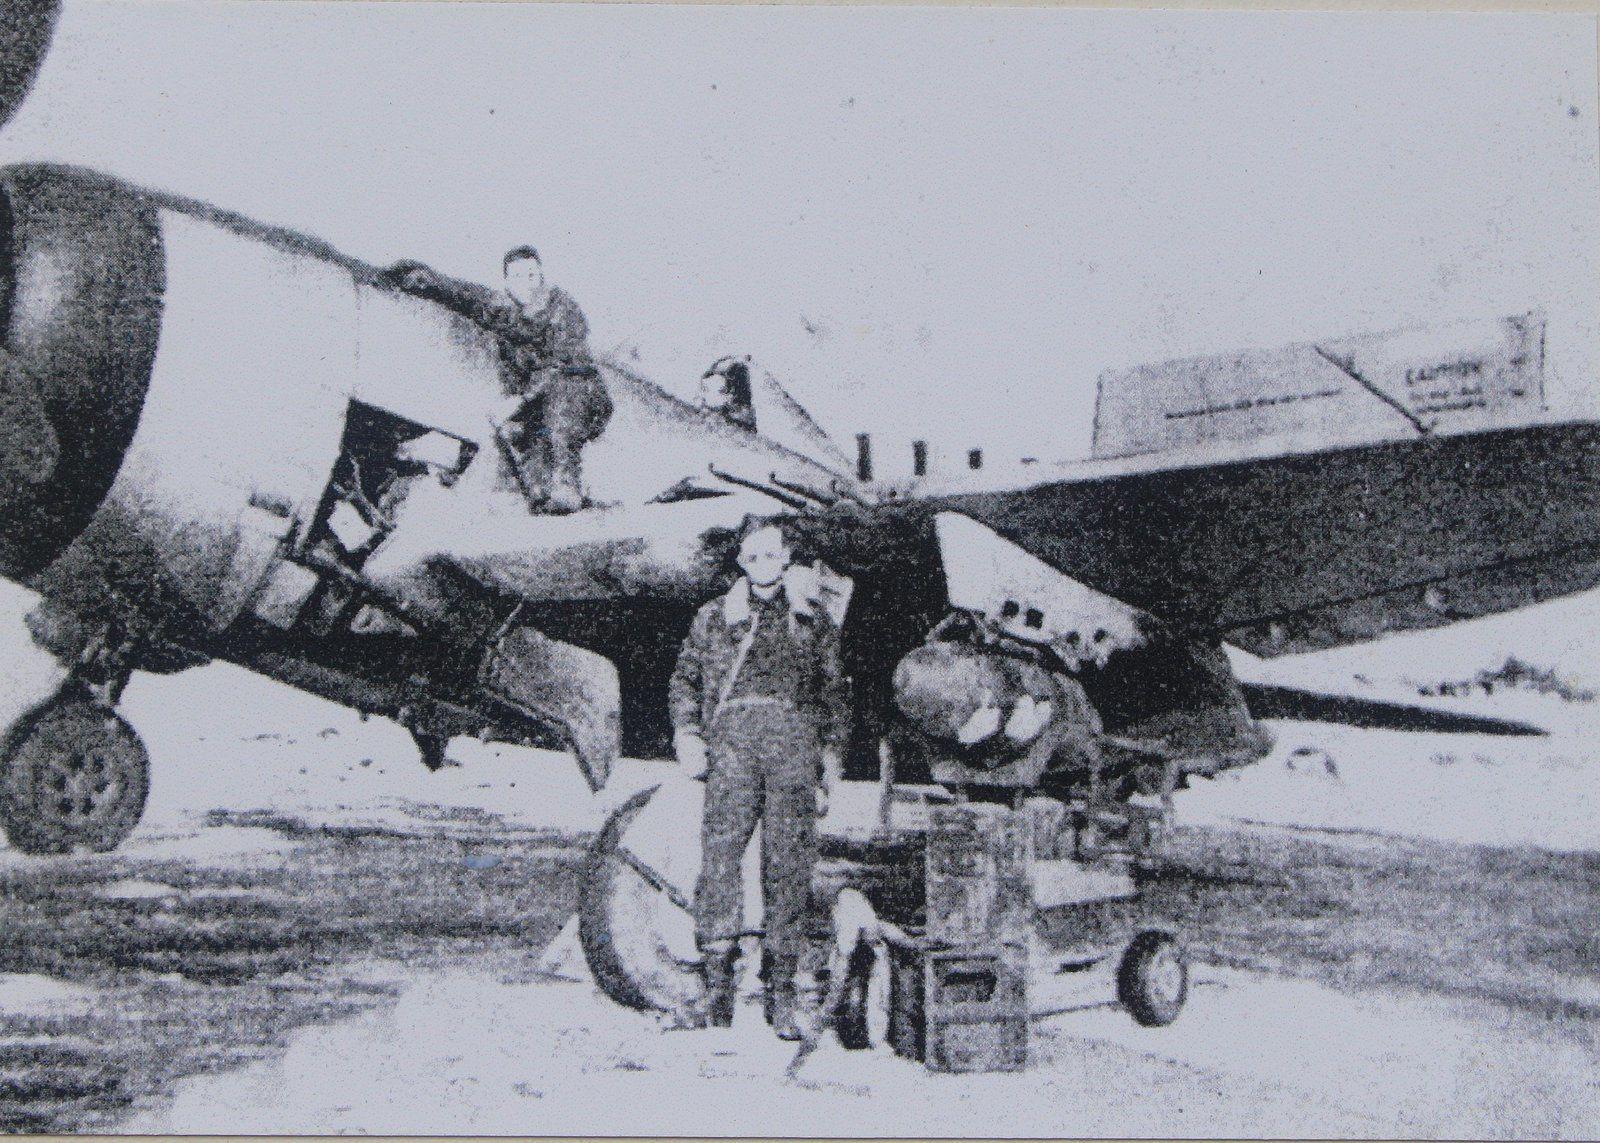 Des mécaniciens américains préparant un avion.